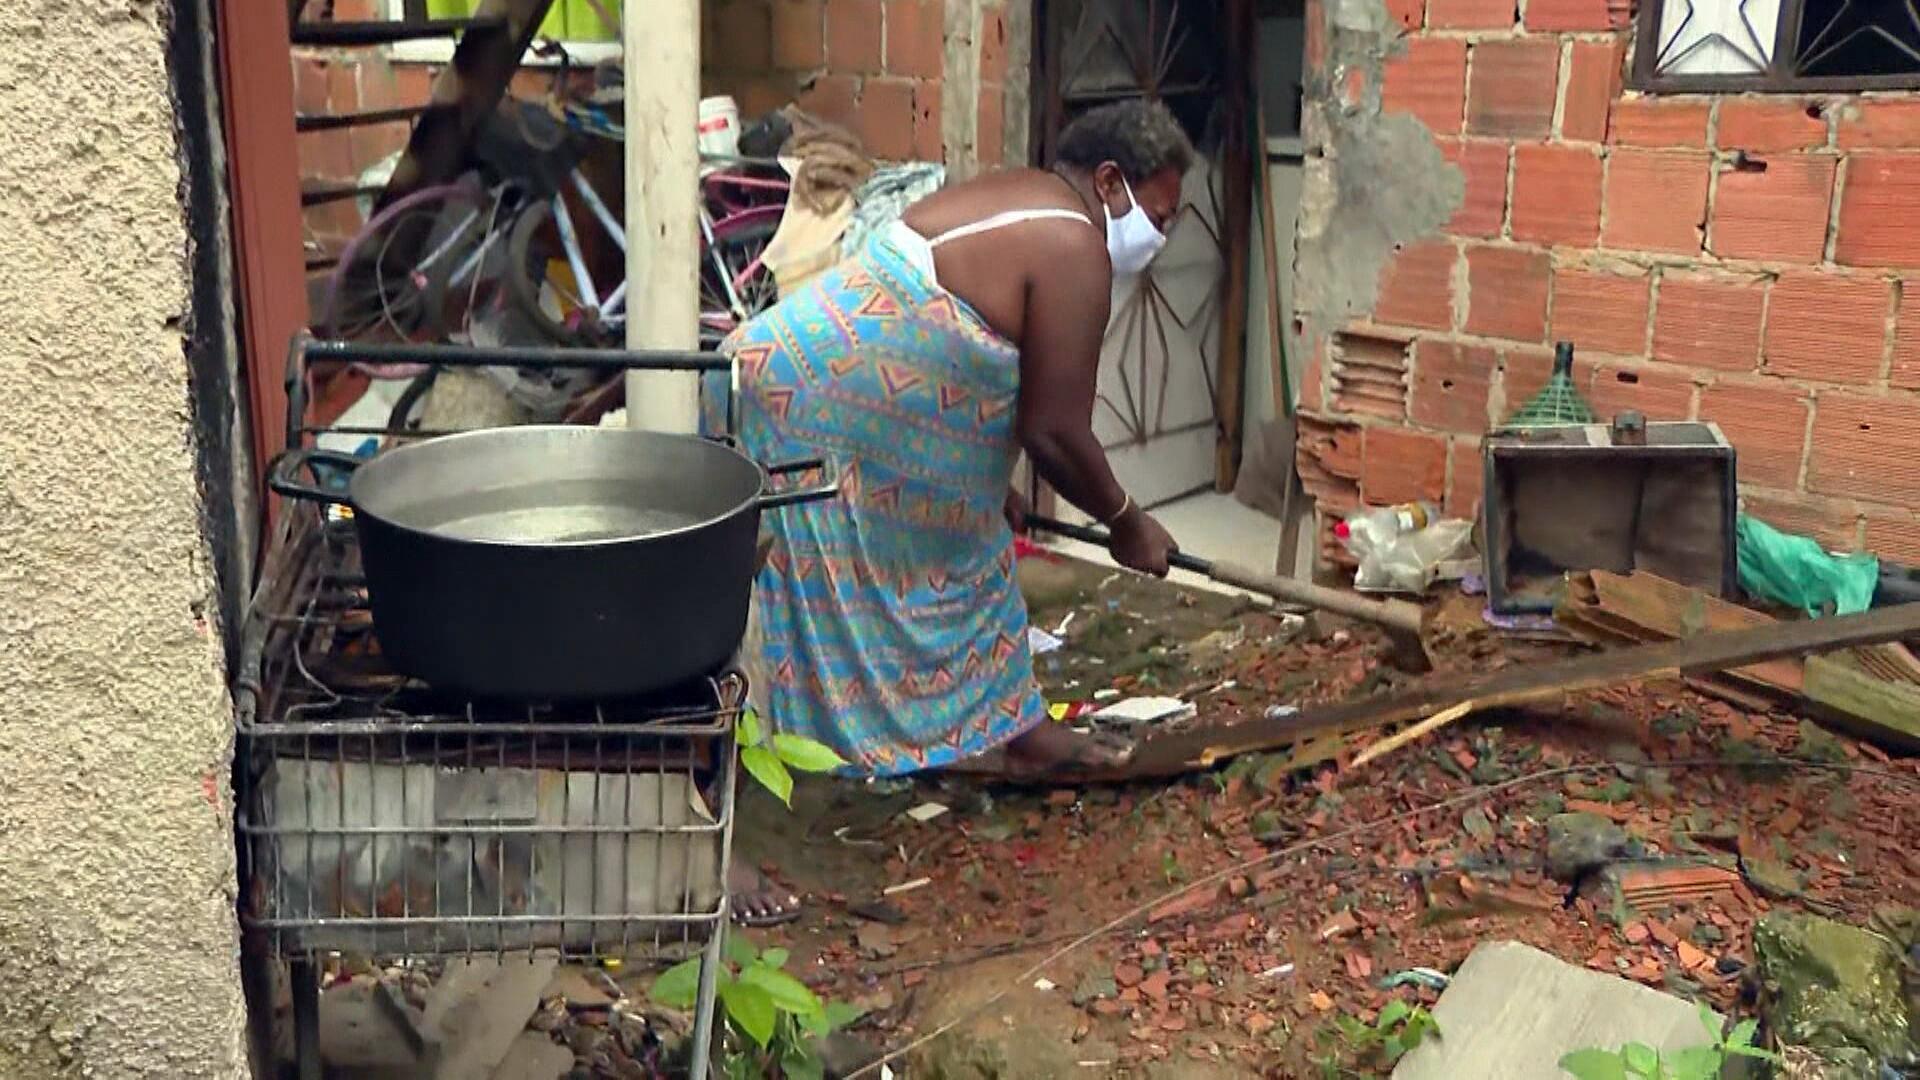 Sem dinheiro para o gás, moradoras da Baixada Fluminense recorrem ao fogão a lenha ou ficam sem trabalhar